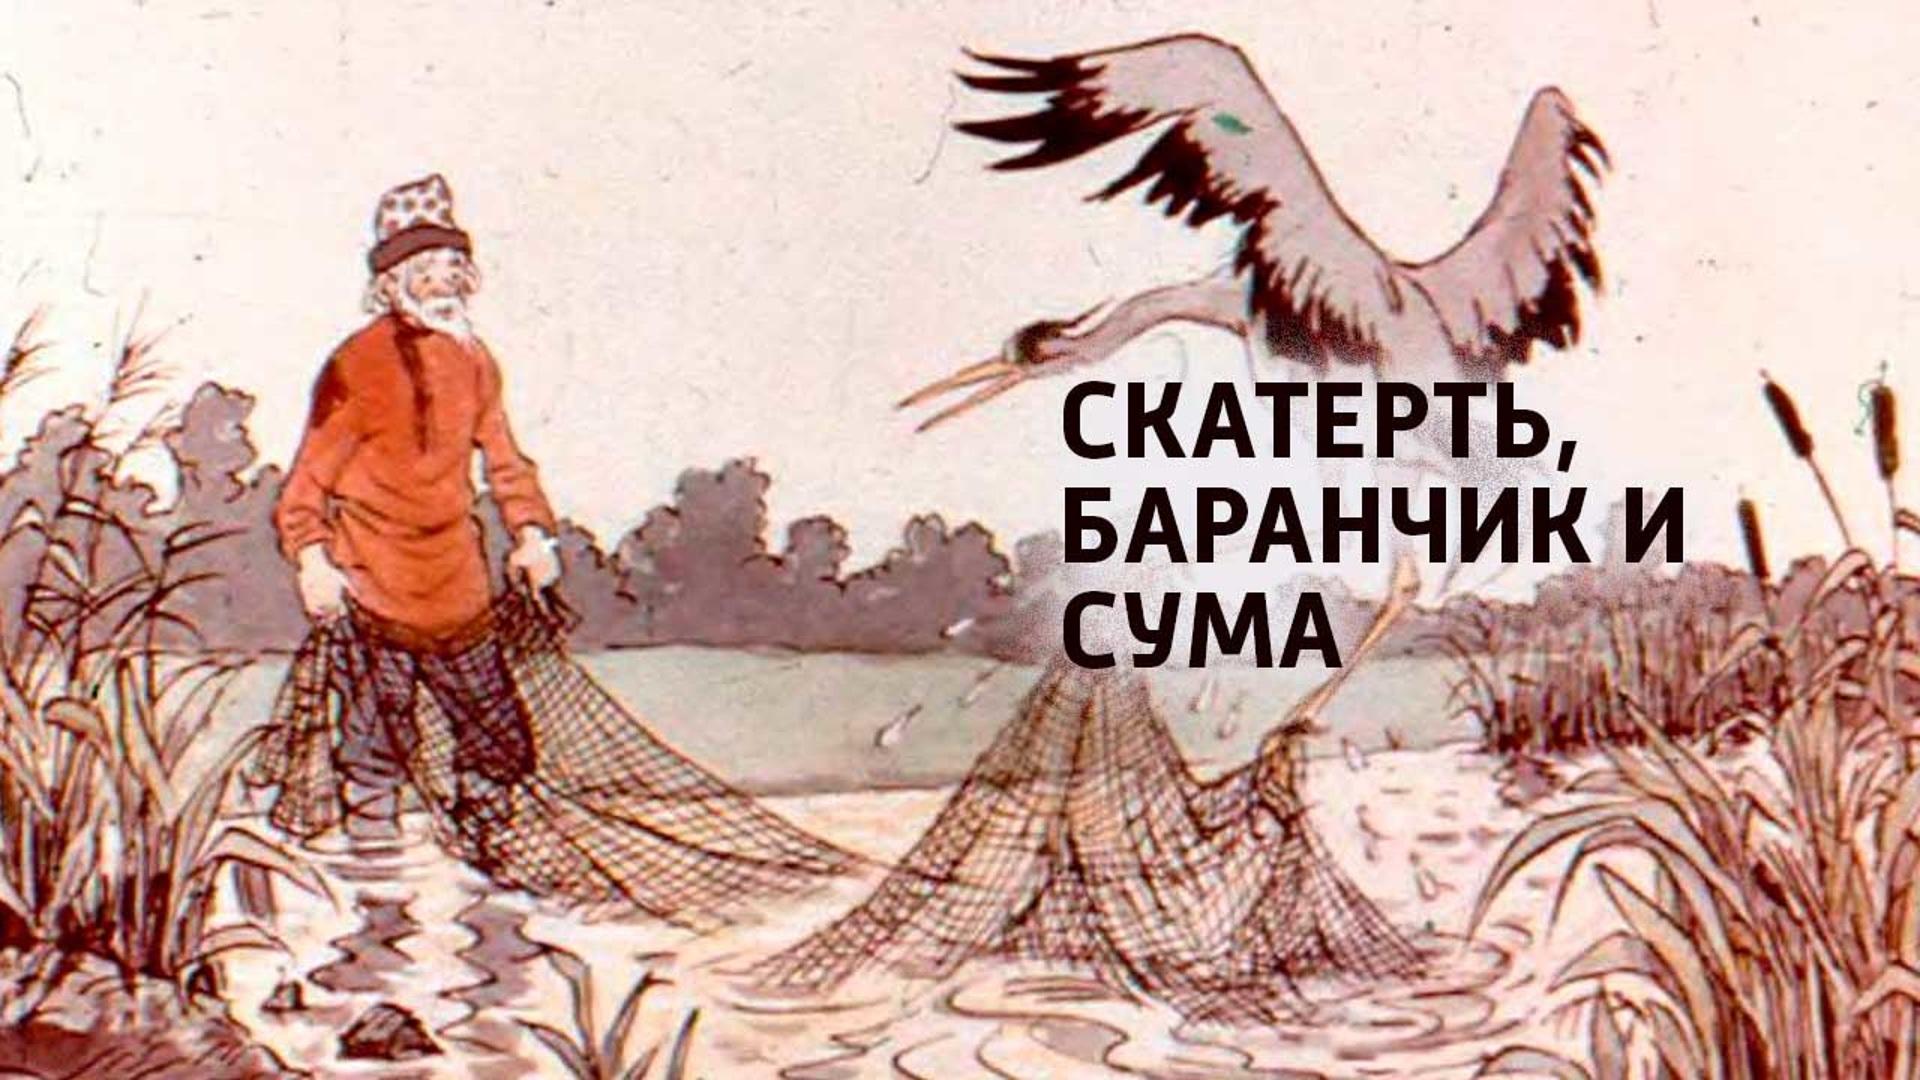 """""""Скатерть, баранчик и сума"""". Русская народная сказка"""